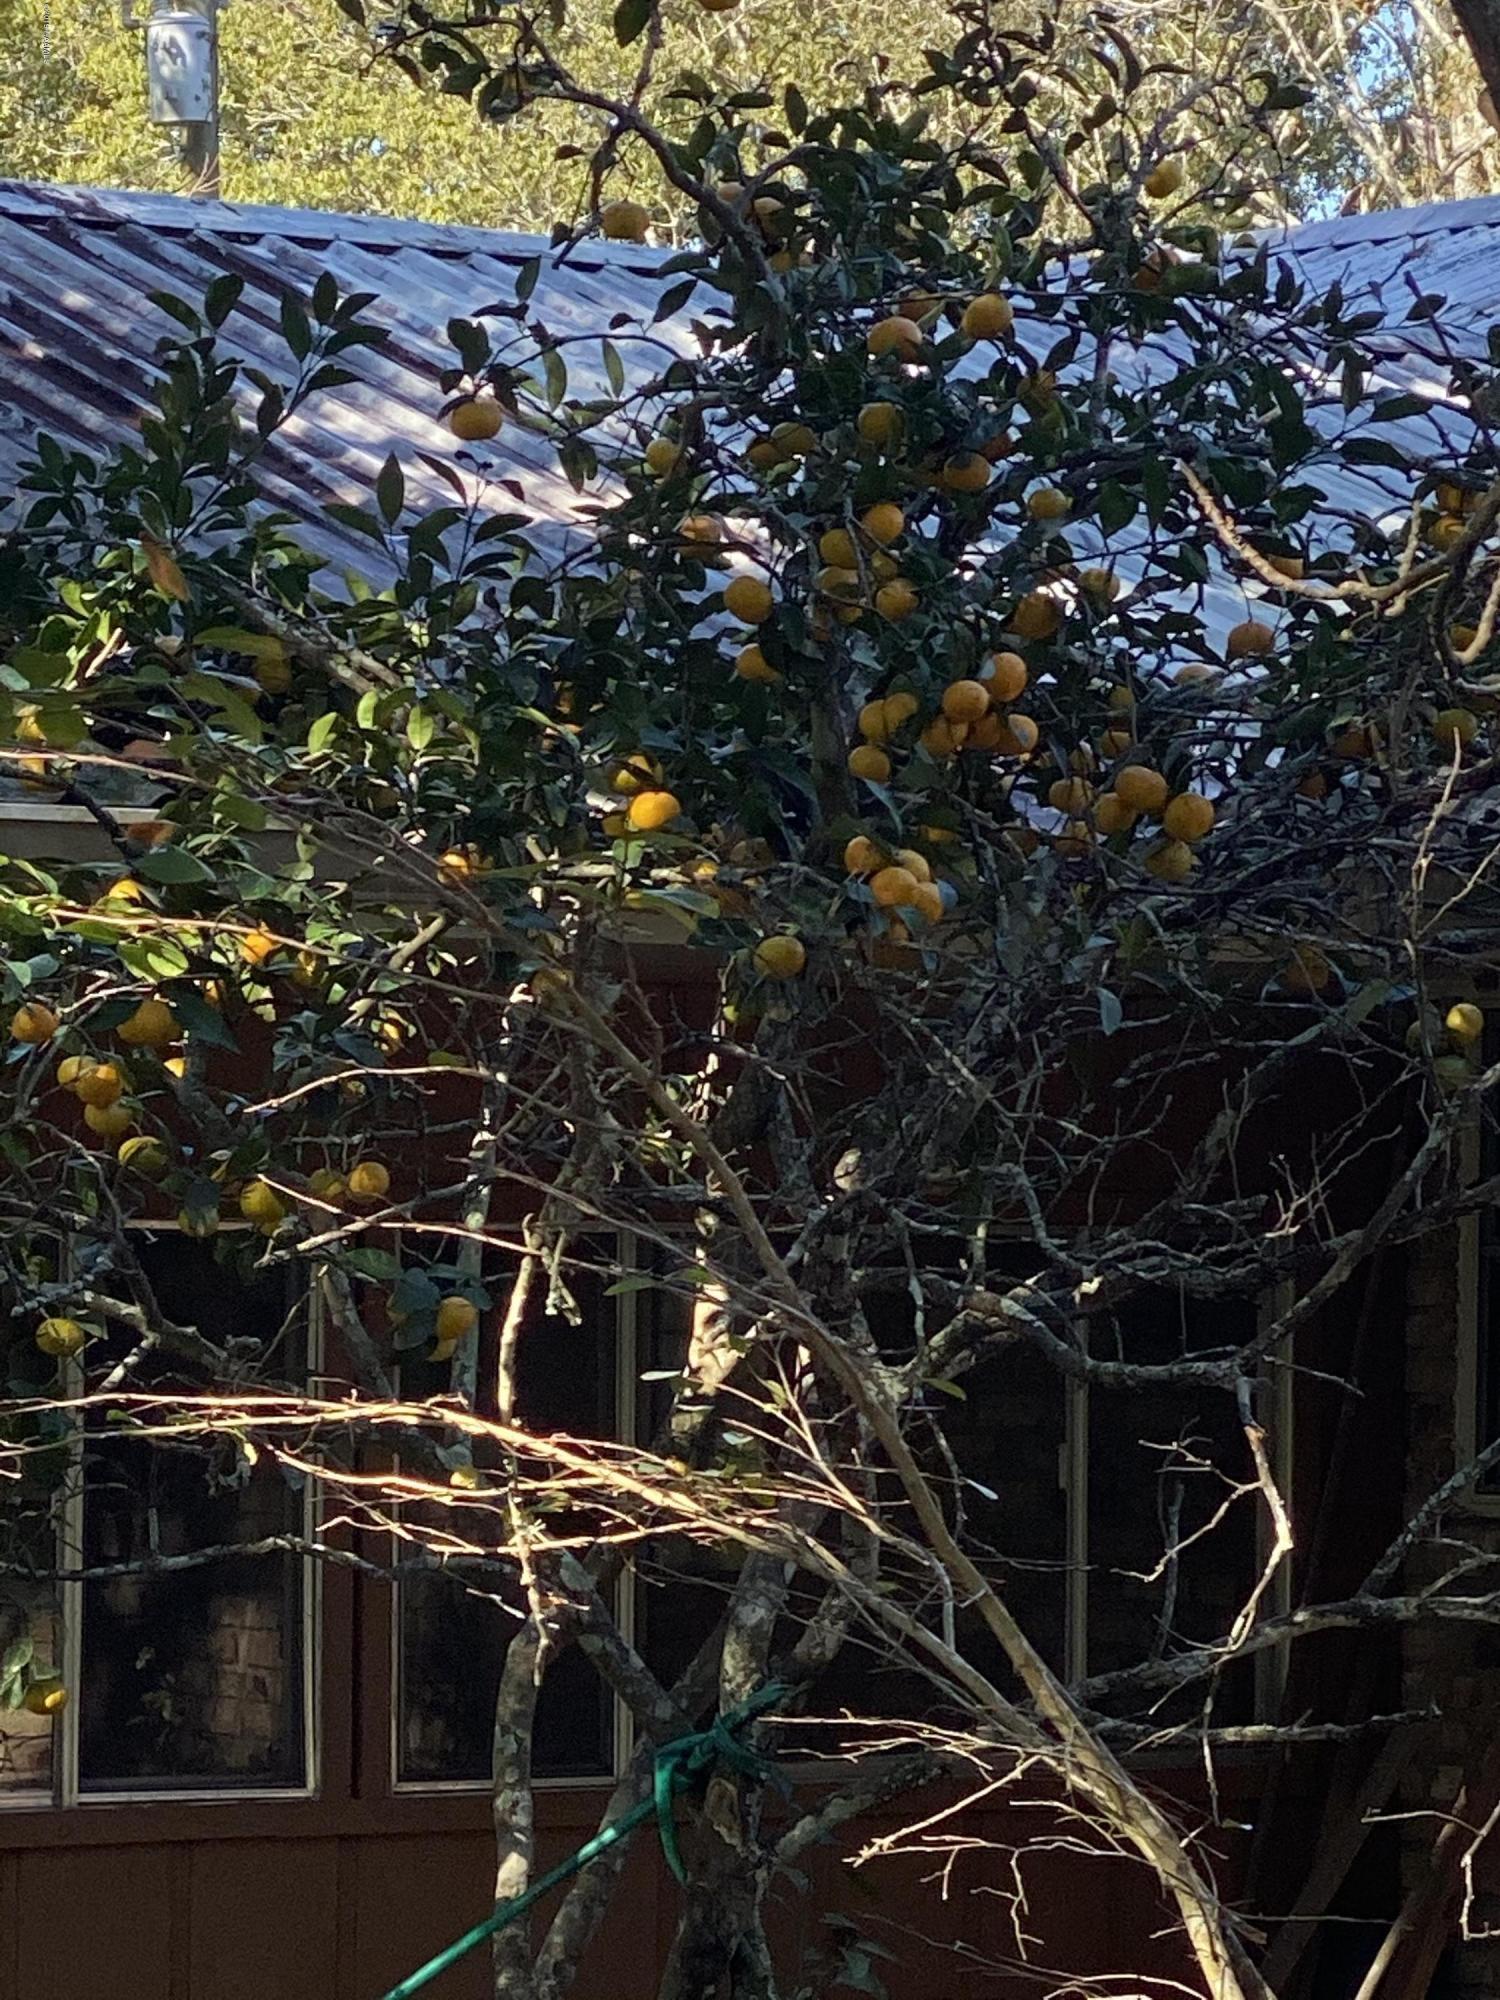 1145 Begnaud Rd Road, Arnaudville, LA 70512 Photo #16